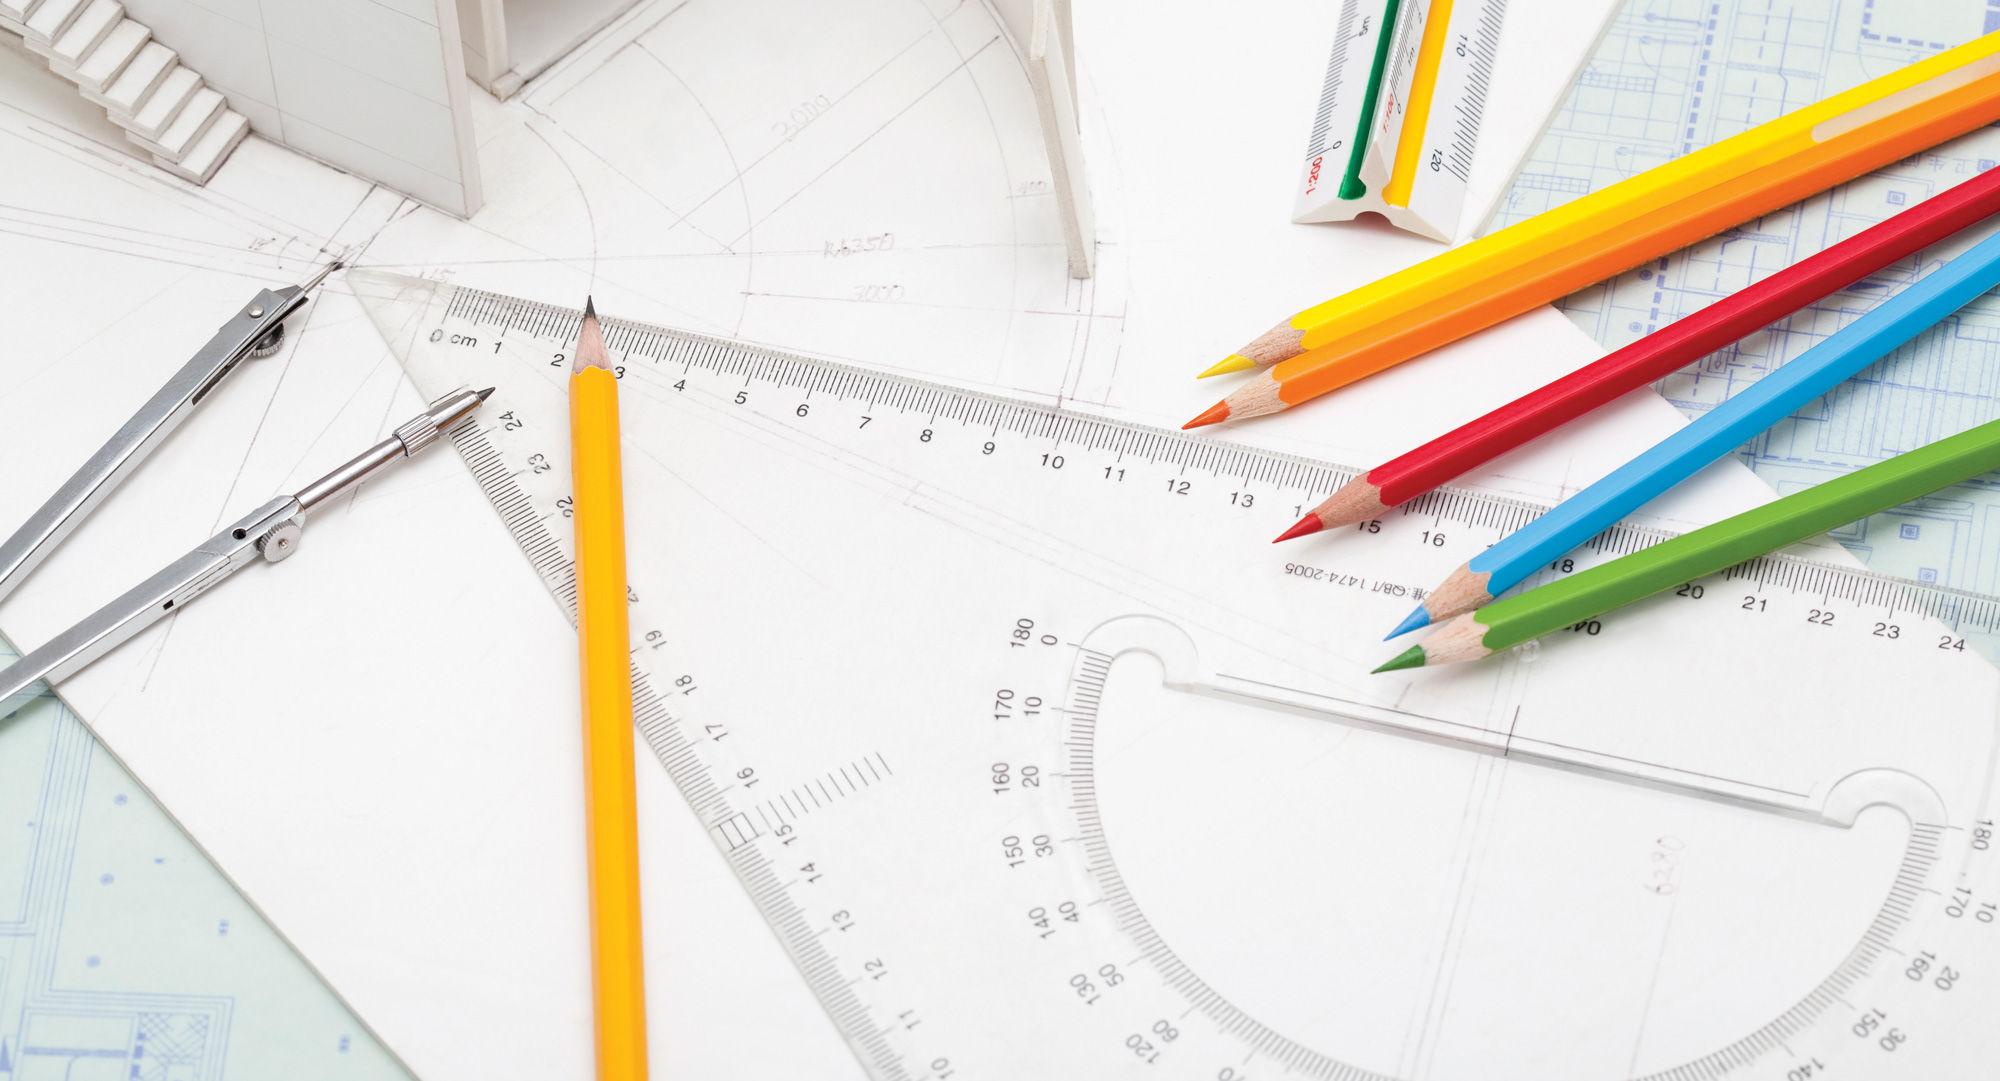 실내건축설계를 위한 맥스전문가과정(MAX -모델링,랜더링, 맵핑)